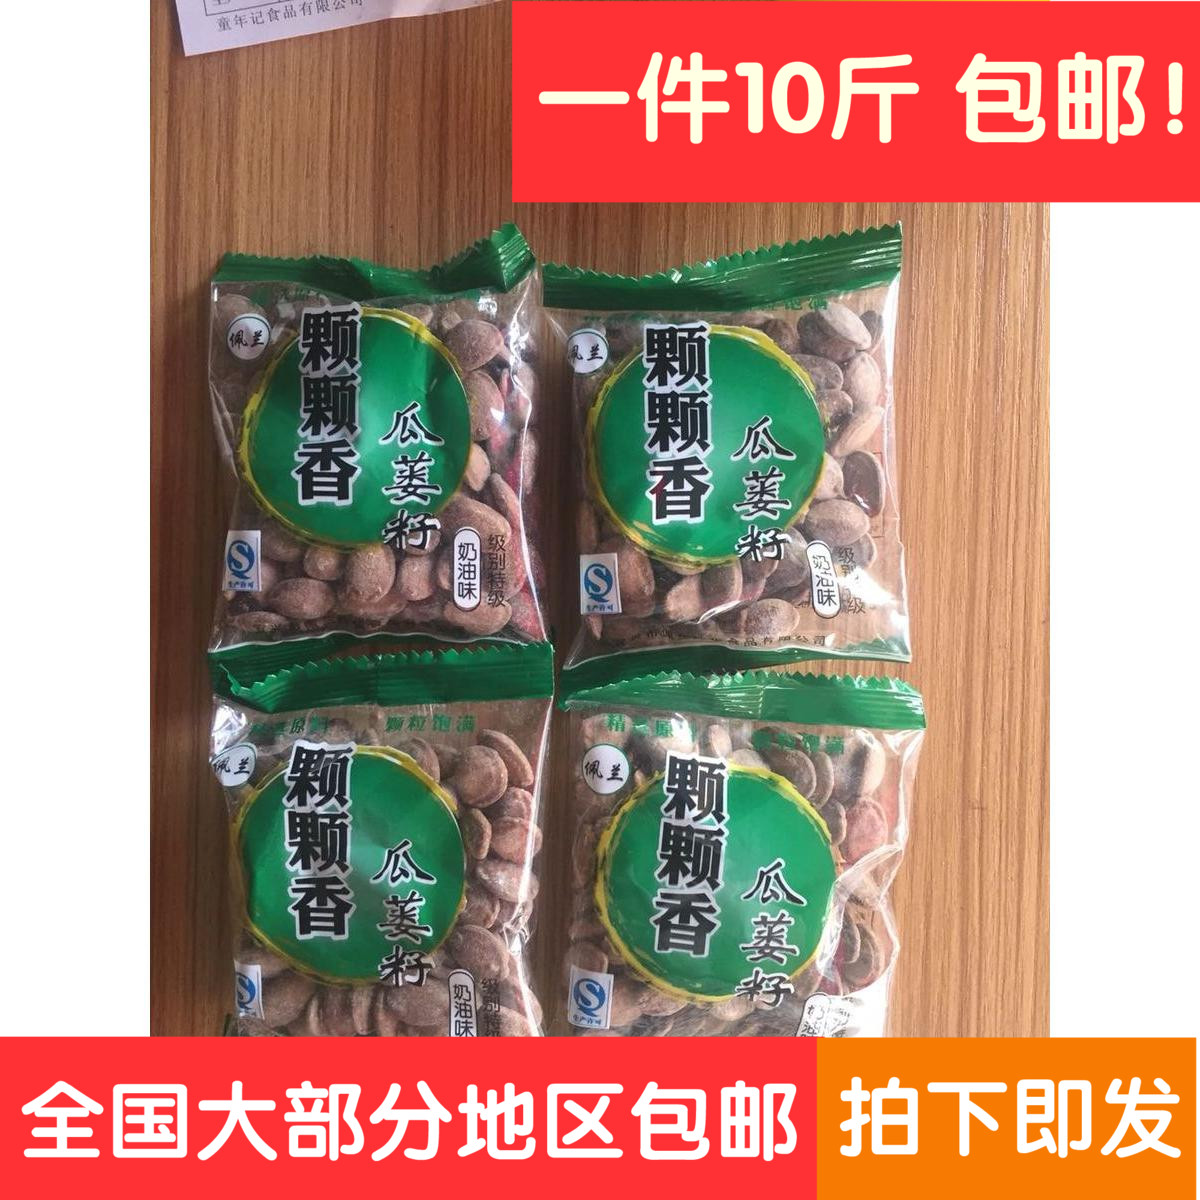 全场包邮佩兰特级瓜篓籽子野葫芦籽大颗粒奶油小包装人气10斤一箱